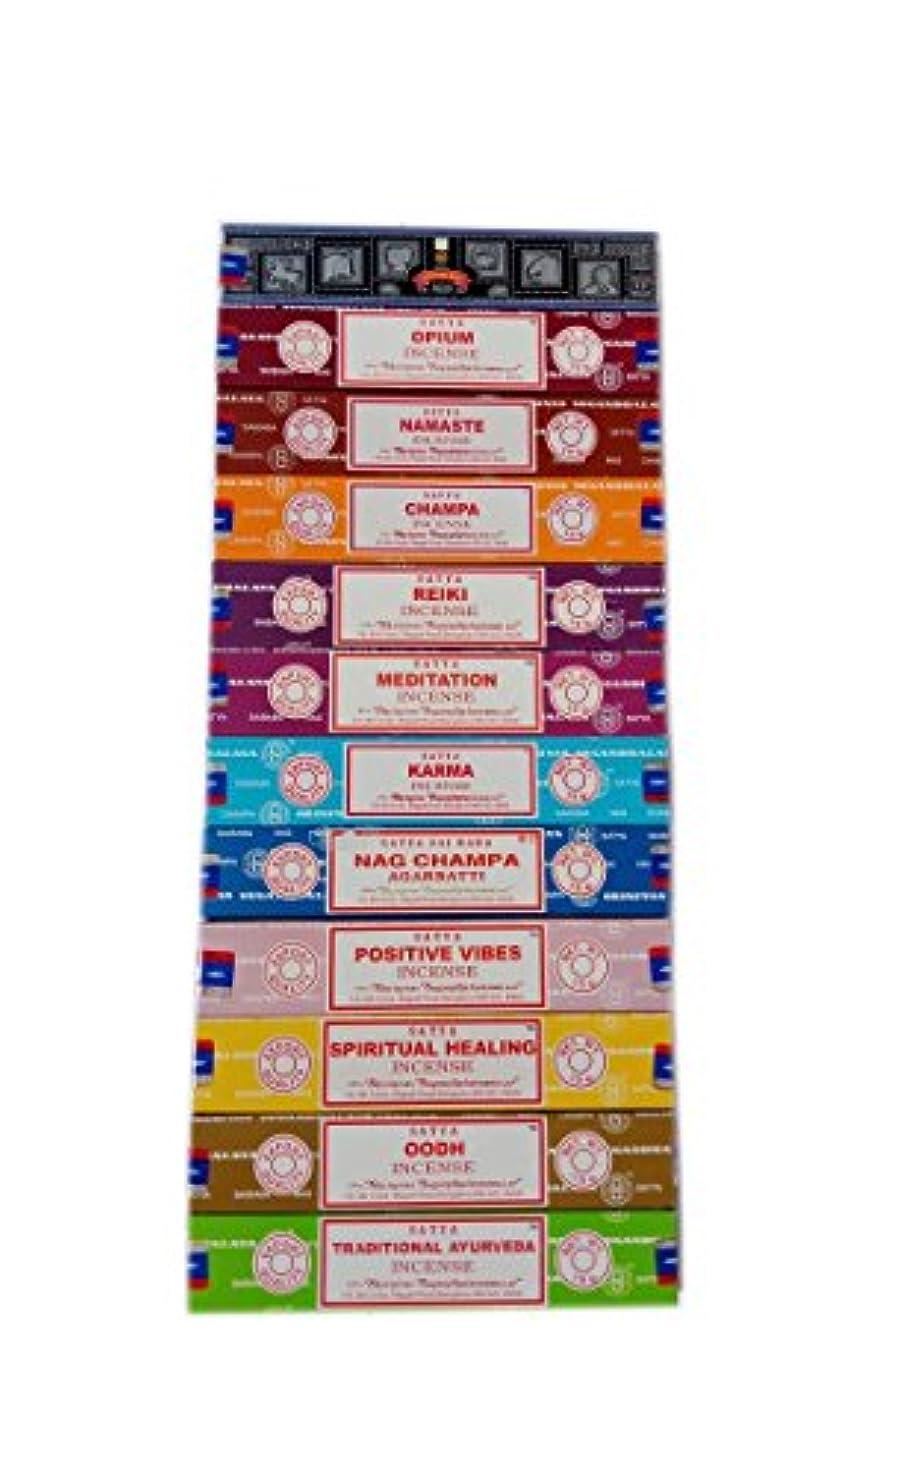 また明日ね駐地努力Satya Incense Set 12 x 15gram含まれるもの:ナグ、スーパーヒット、ウード、ポジティブバイブ、ナマステ、チャンパ、アヘン、レイキ、スピリチュアルヒーリング、カルマ、伝統的なアーユルヴェーダ、瞑想パック